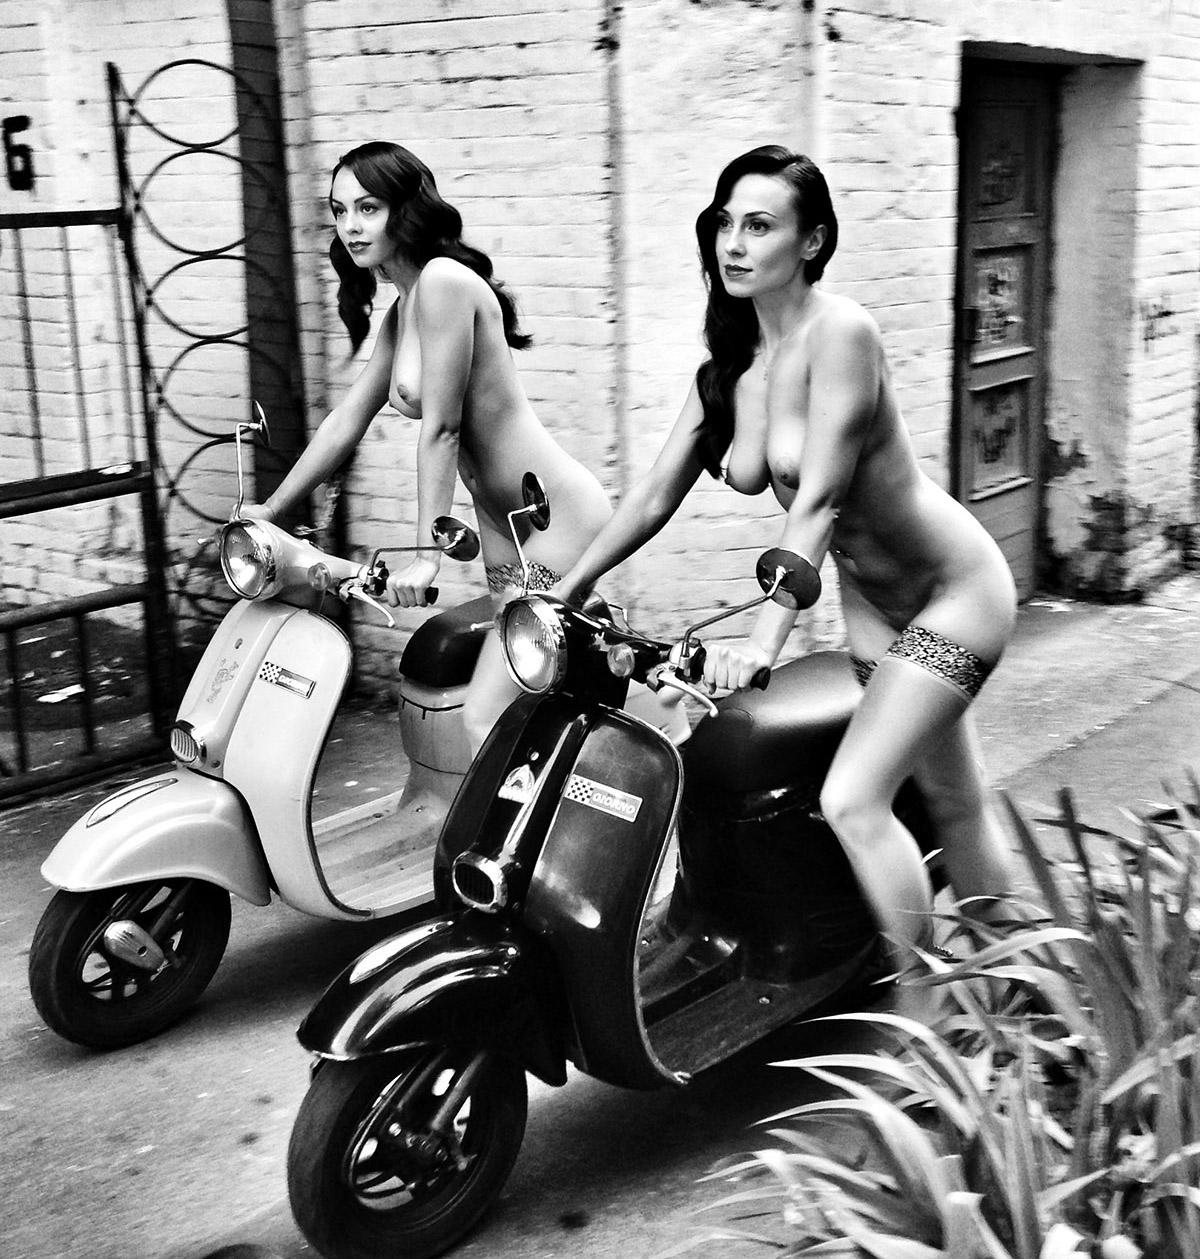 Две обнажённые девушки гуляют по осеннему Киеву 17